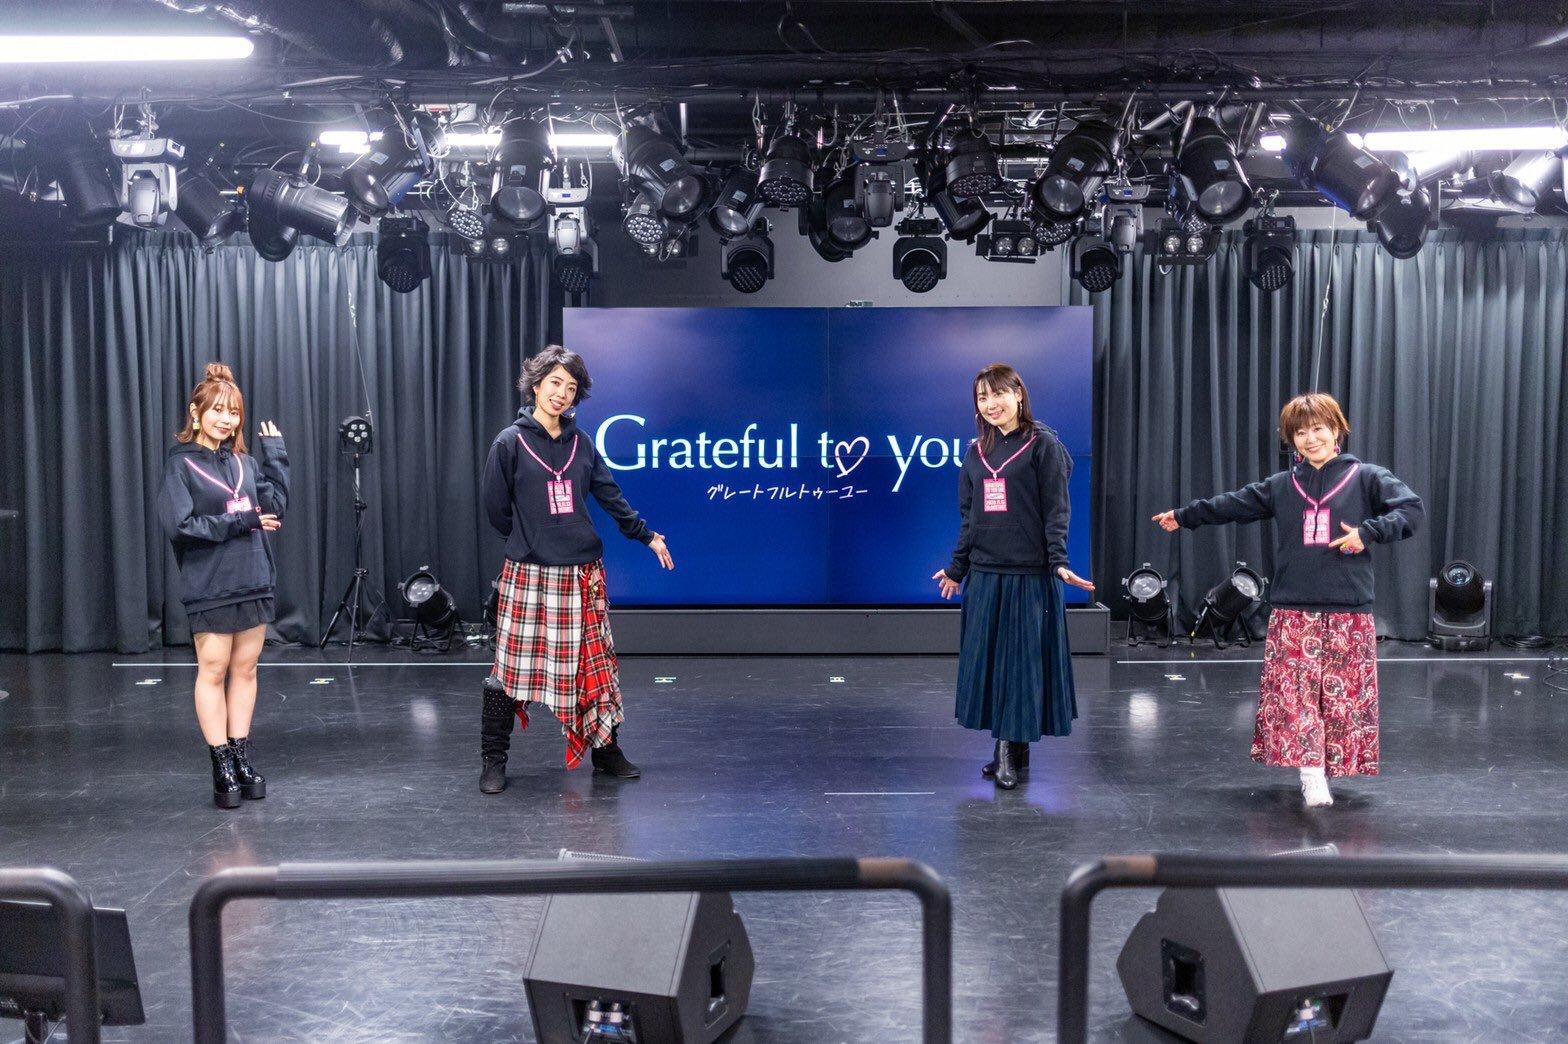 皆様感謝です✨無料配信ライブ「Grateful to you  LIVE」を終えて_a0114206_23594958.jpeg